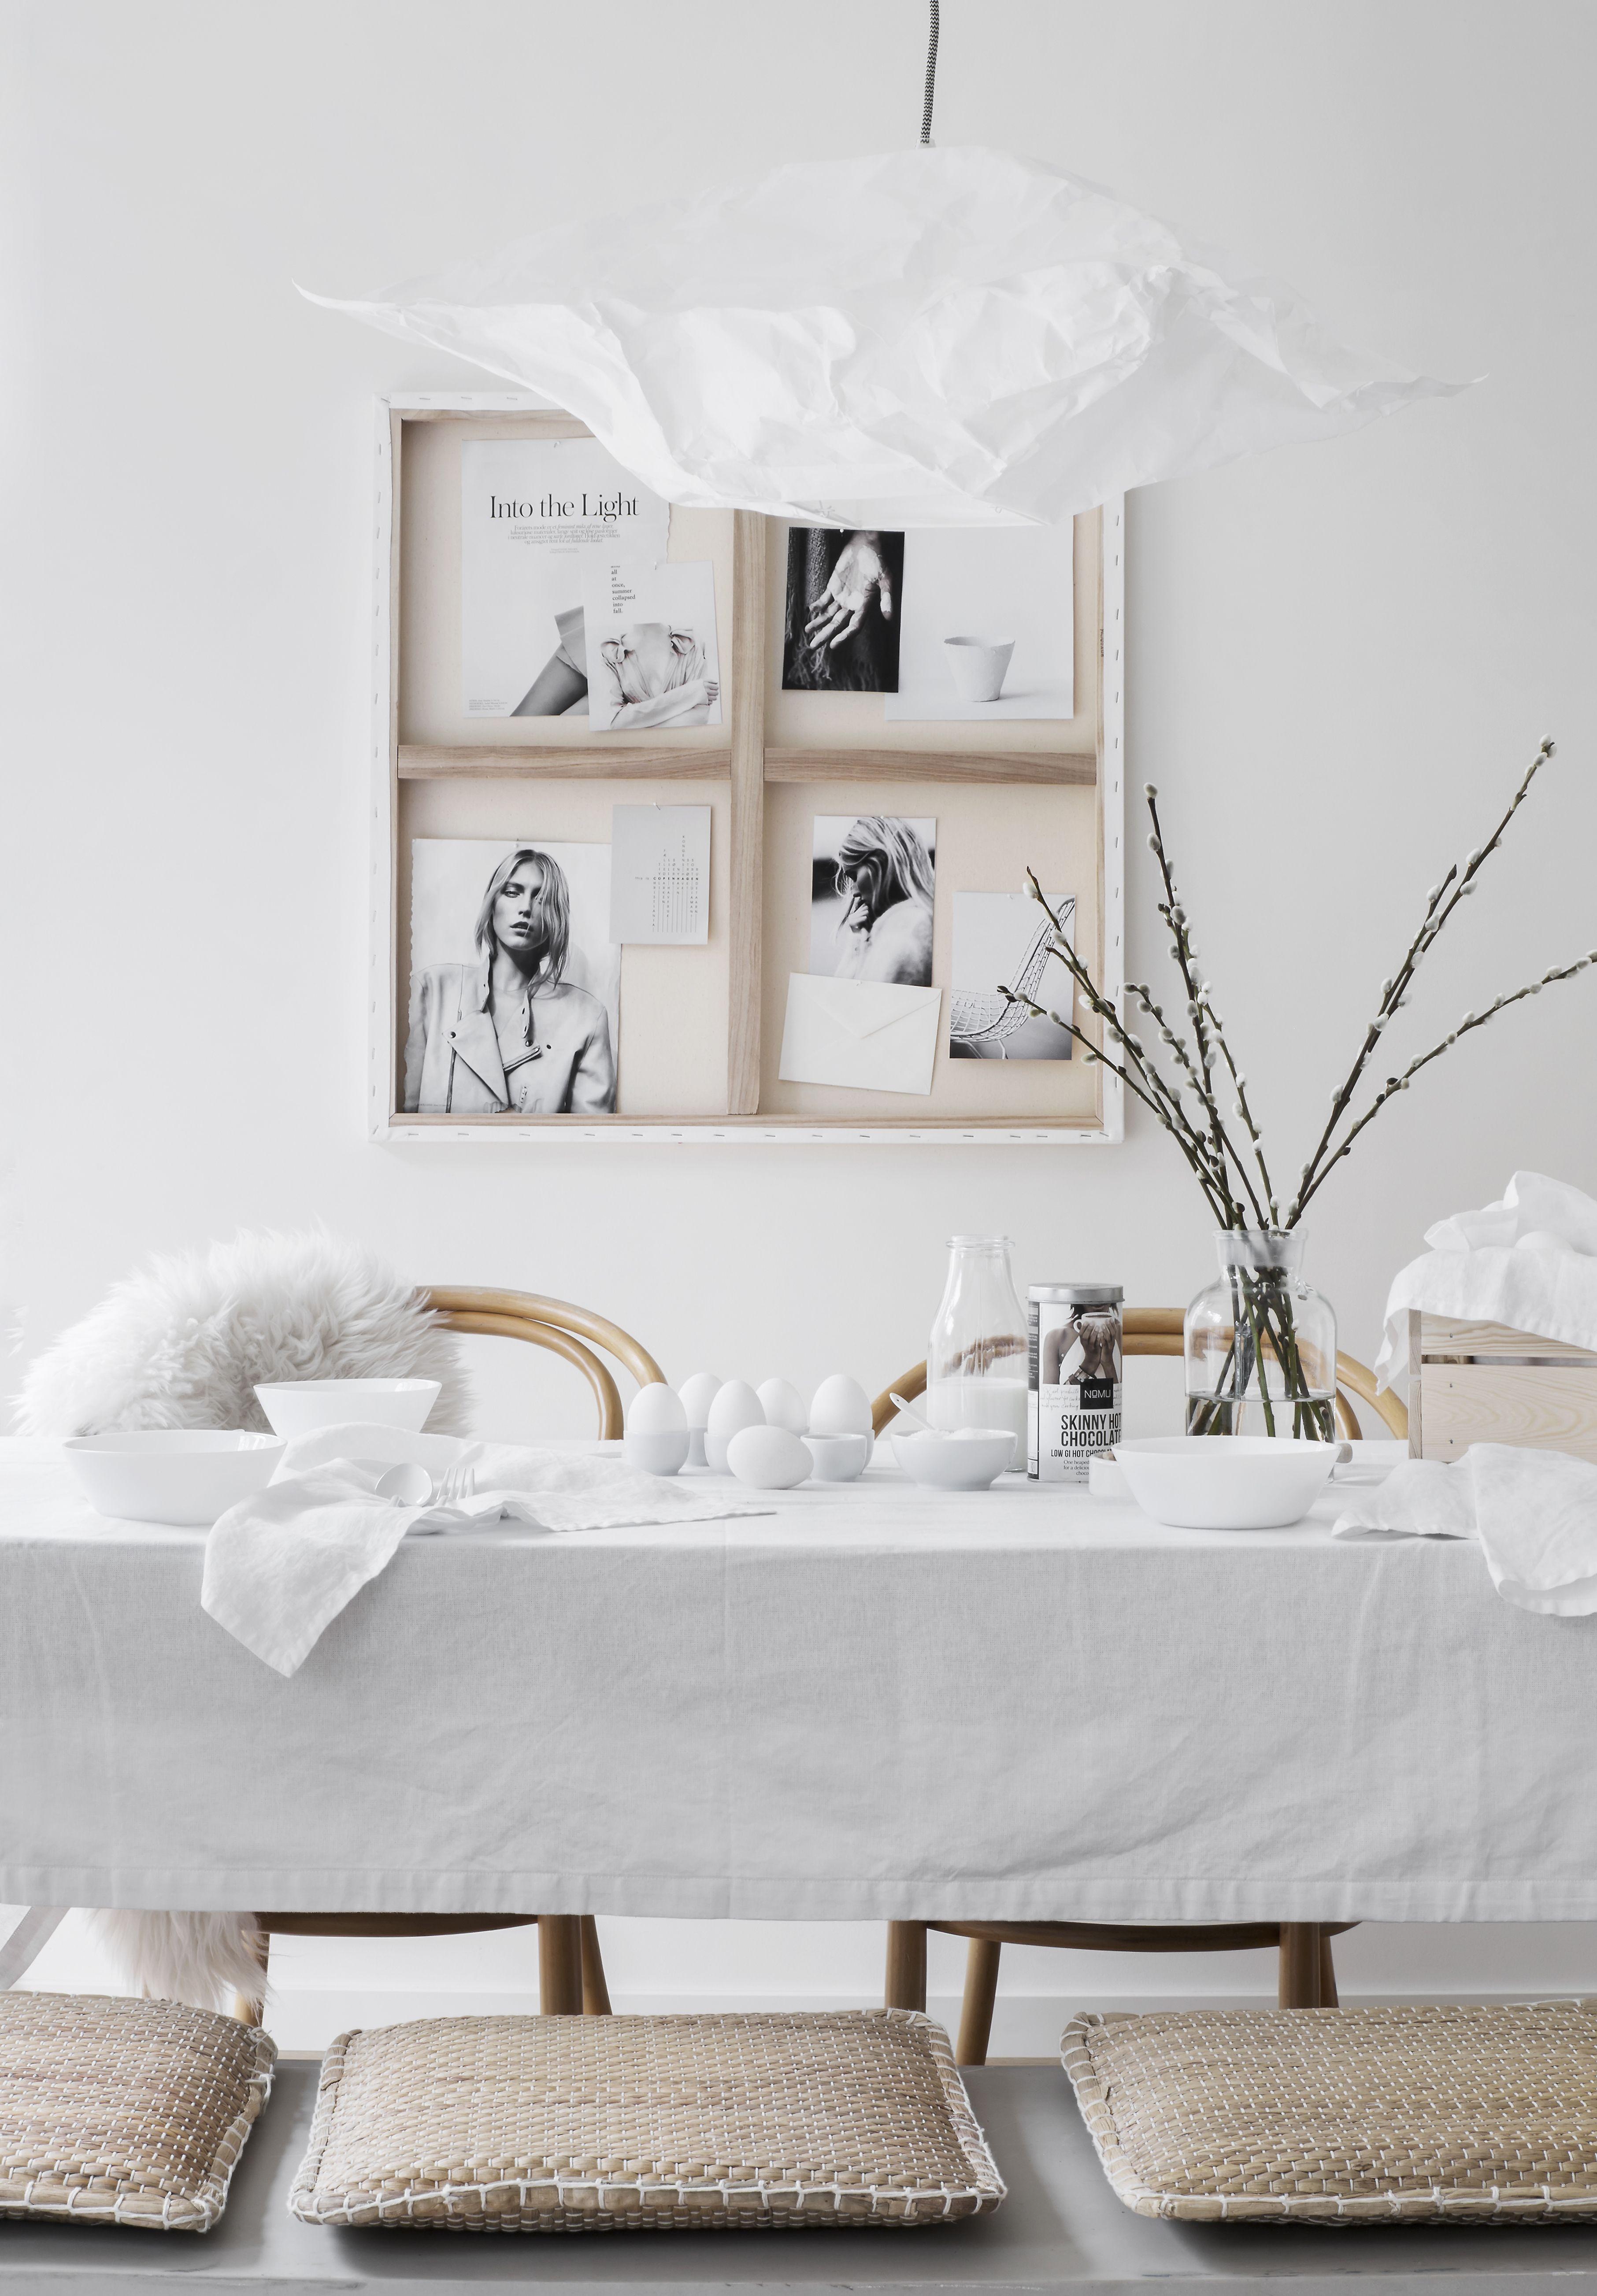 H A B I T A N 2 Decoración handmade para hogar y eventos www.habitan2.com  <3